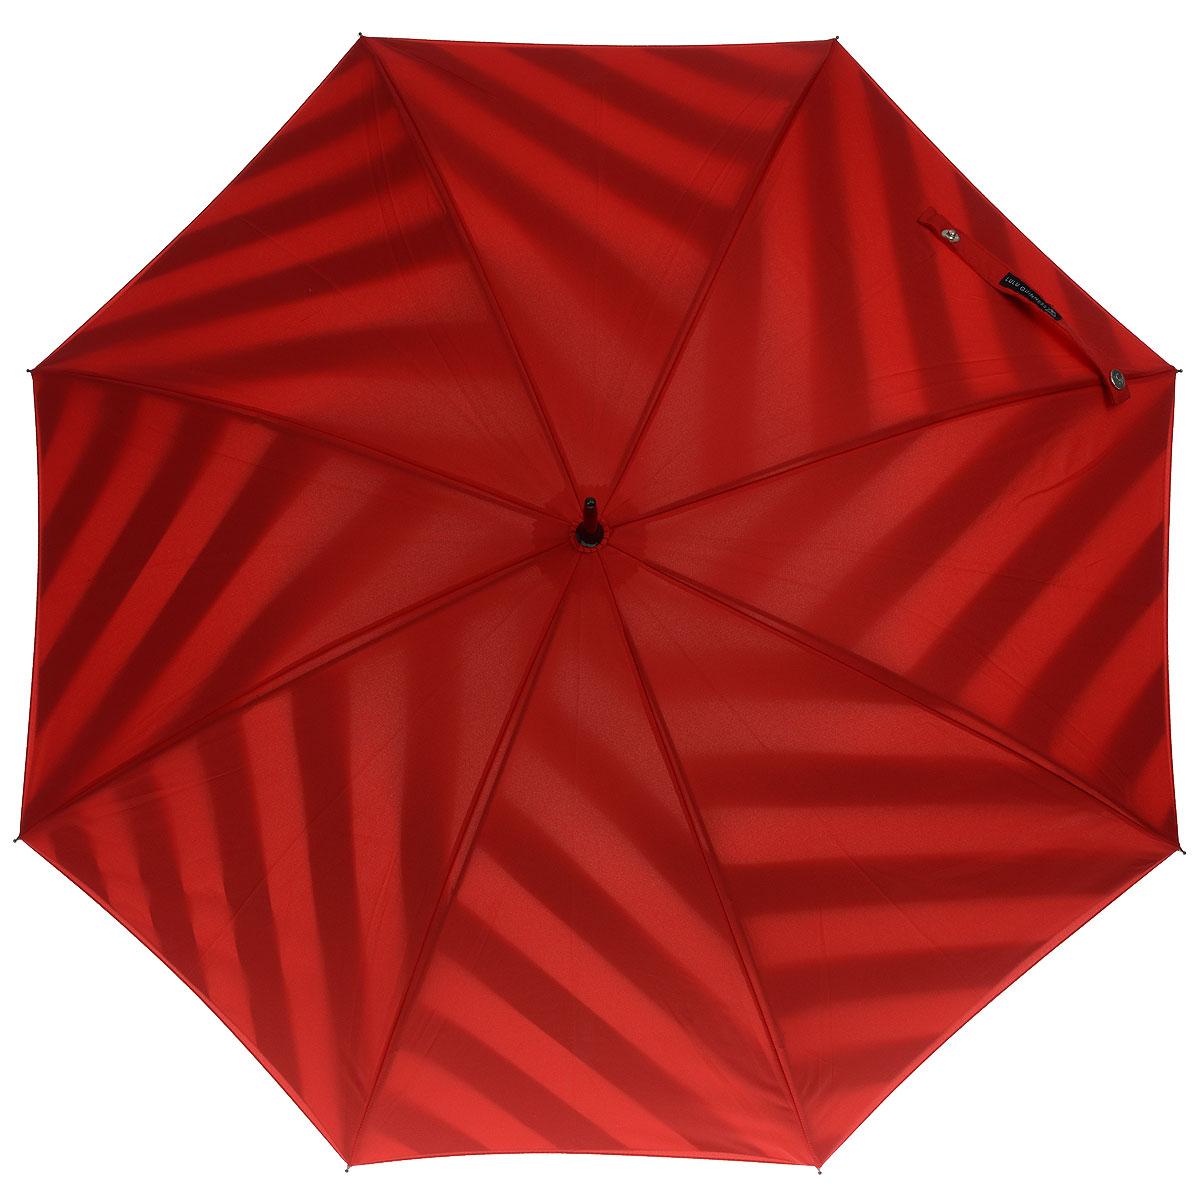 Зонт-трость женский Diagonal Stripe, полуавтомат, цвет: красныйL723 3S2550Стильный полуавтоматический зонт-трость Diagonal Stripe даже в ненастную погоду позволит вам оставаться элегантной. Каркас зонта выполнен из 8 спиц, стержень изготовлен из стали. Купол зонта выполнен из прочного полиэстера красного цвета с внешней стороны и оформлен полосатым принтом - на внутренней. Рукоятка закругленной формы разработана с учетом требований эргономики и выполнена из пластика. Зонт имеет полуавтоматический механизм сложения: купол открывается нажатием кнопки на рукоятке, а закрывается вручную до характерного щелчка. Такой зонт не только надежно защитит вас от дождя, но и станет стильным аксессуаром.